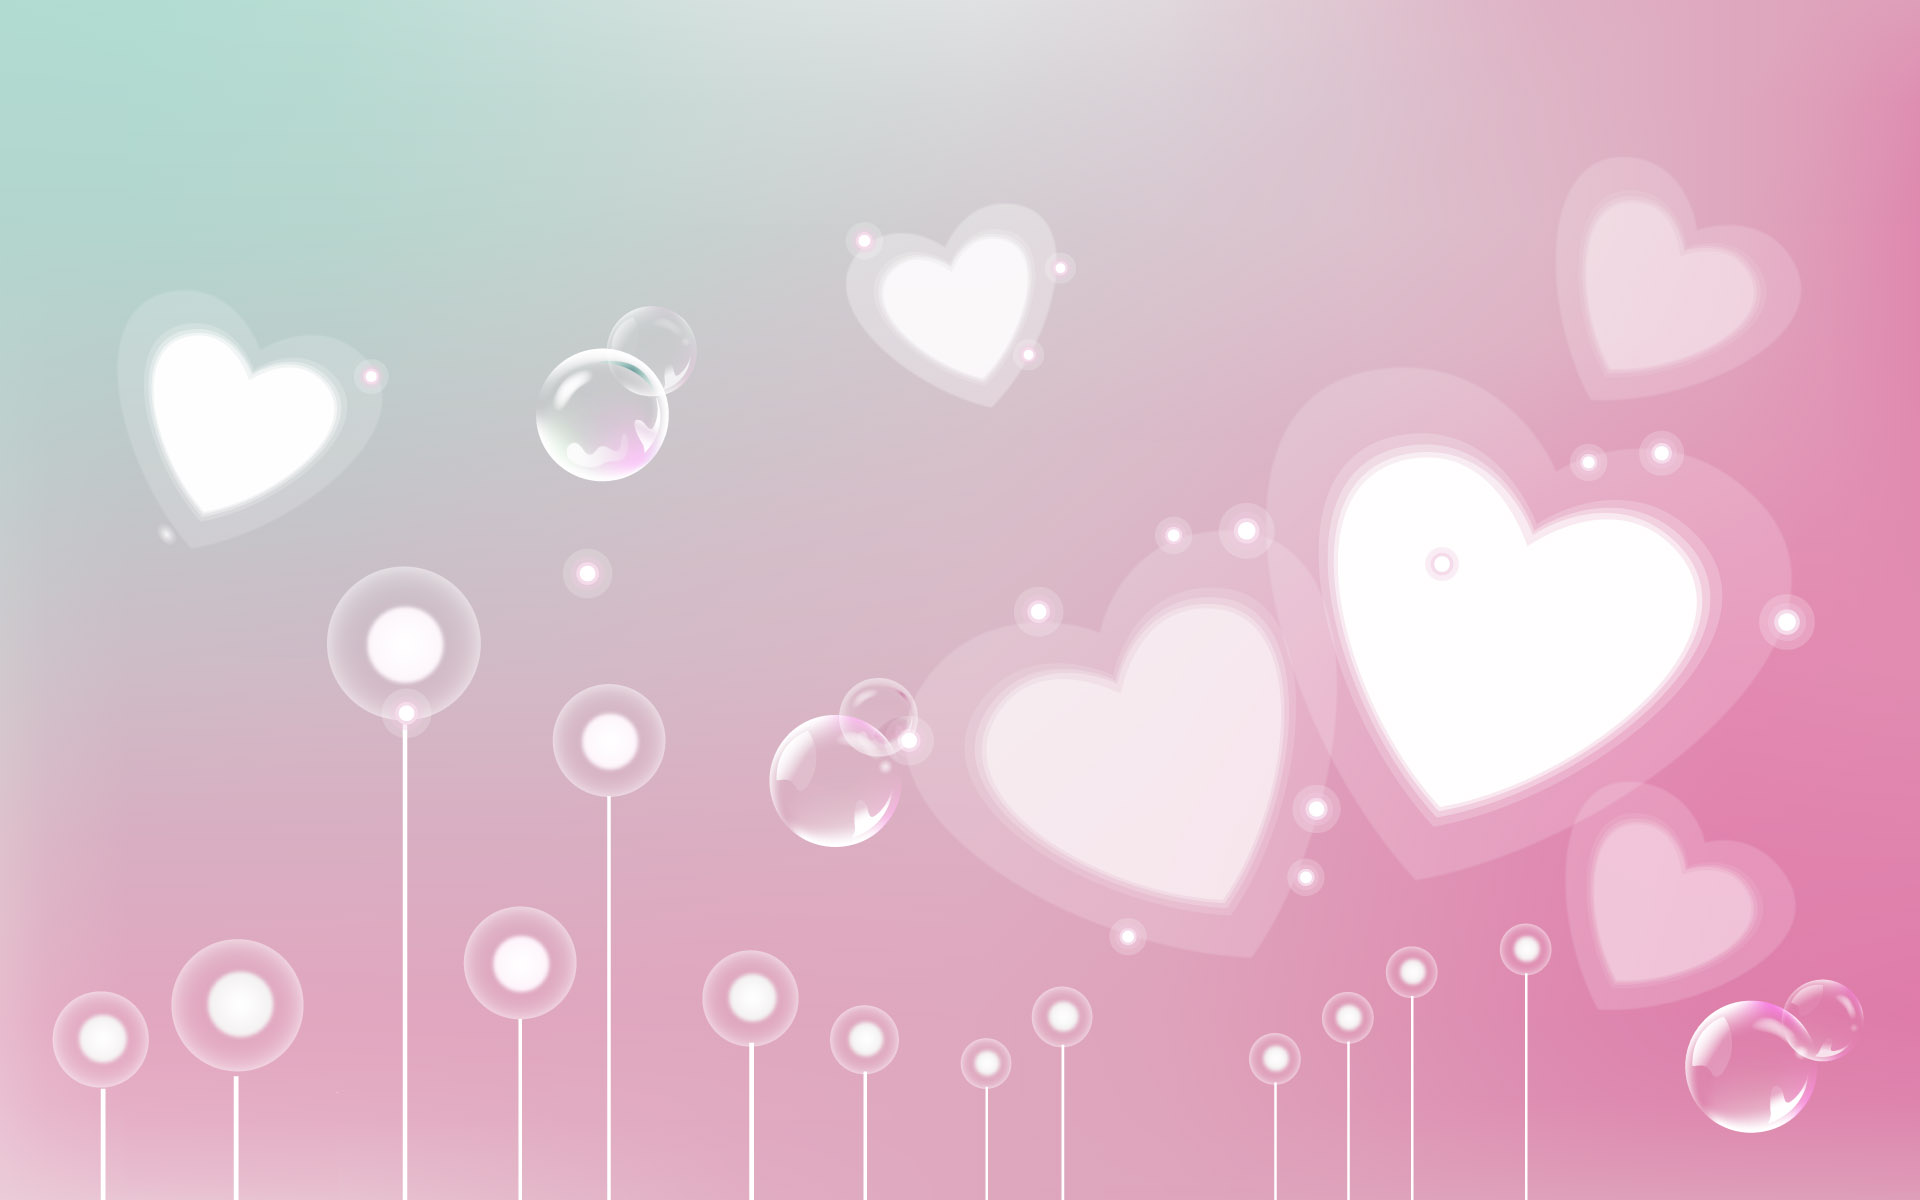 Valentine Wallpaper Pink HD